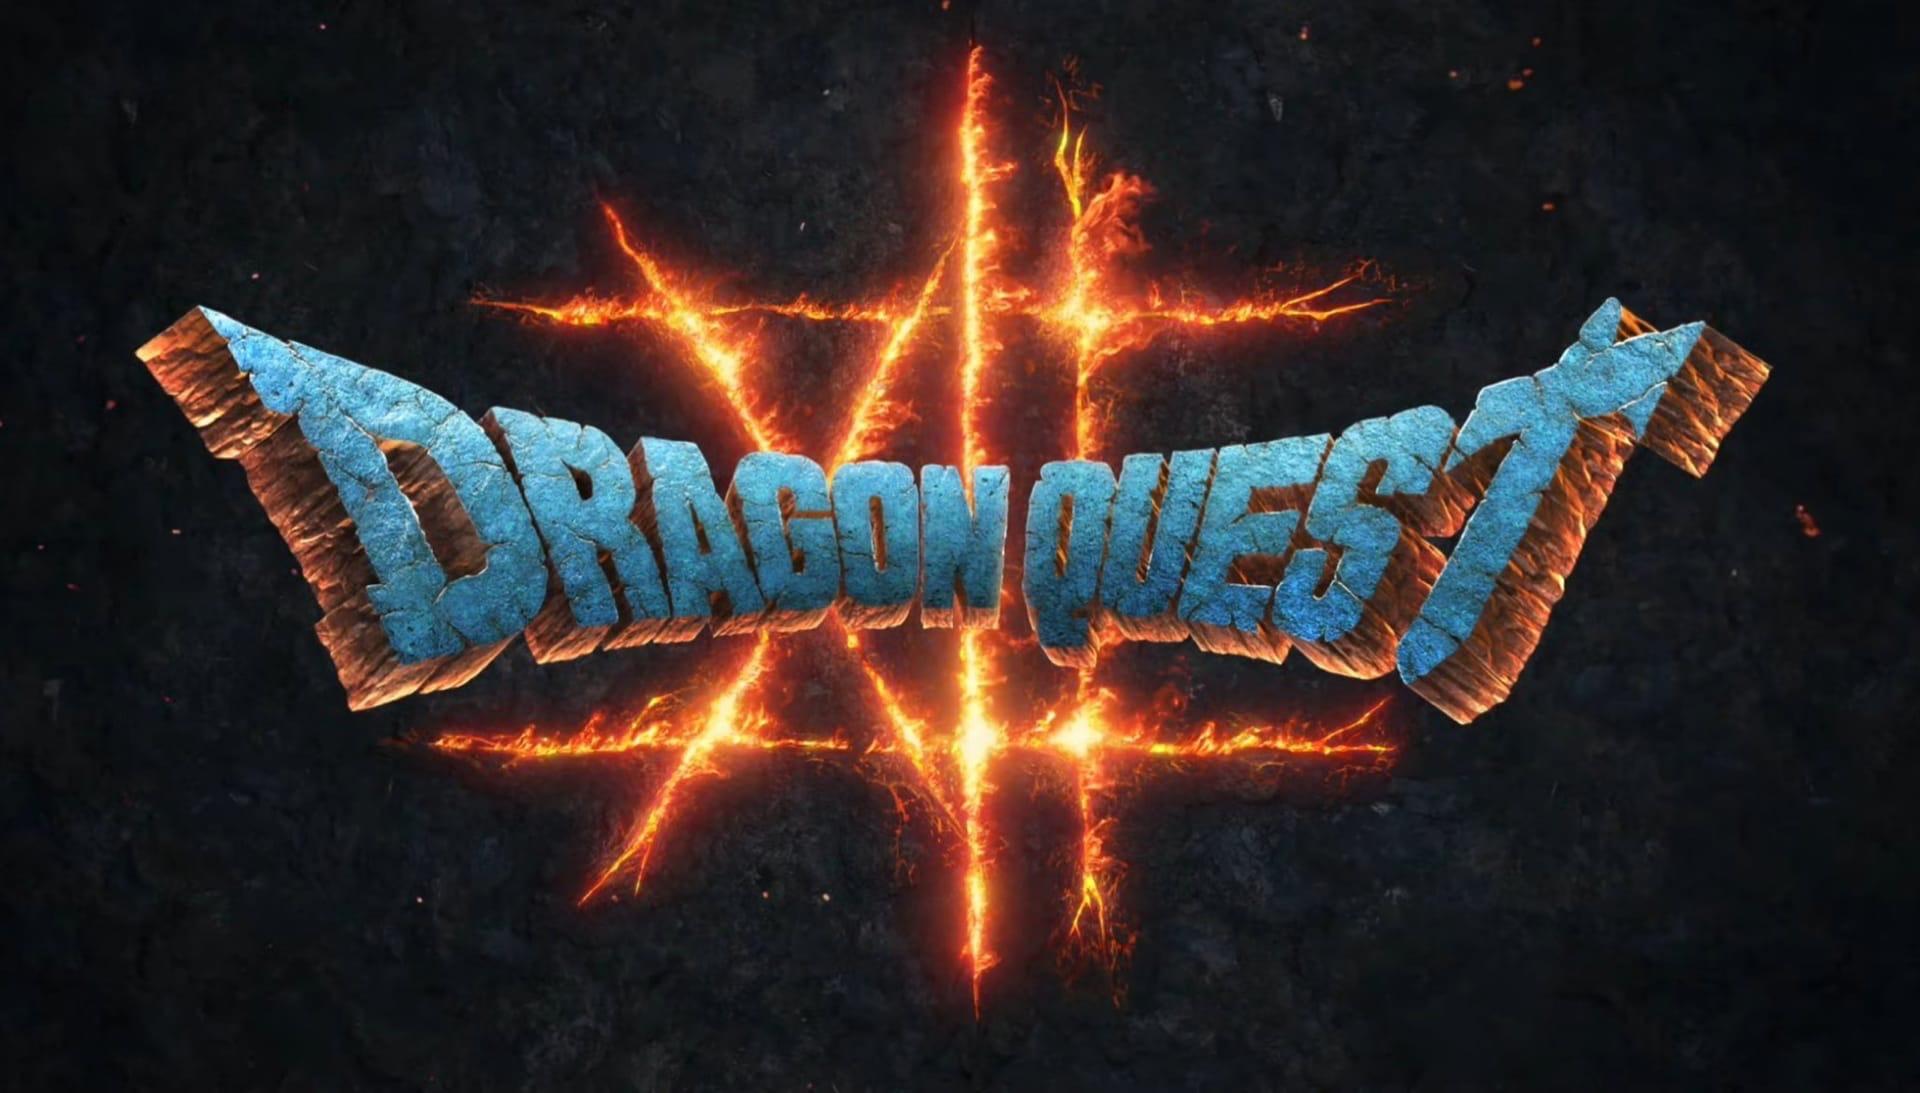 Square Enix сообщила, что анонсированная пару часов назад Dragon Quest XII создается на движке Unreal Engine 5. Логично предположить, что в ближайшее время игру не стоит ждать.